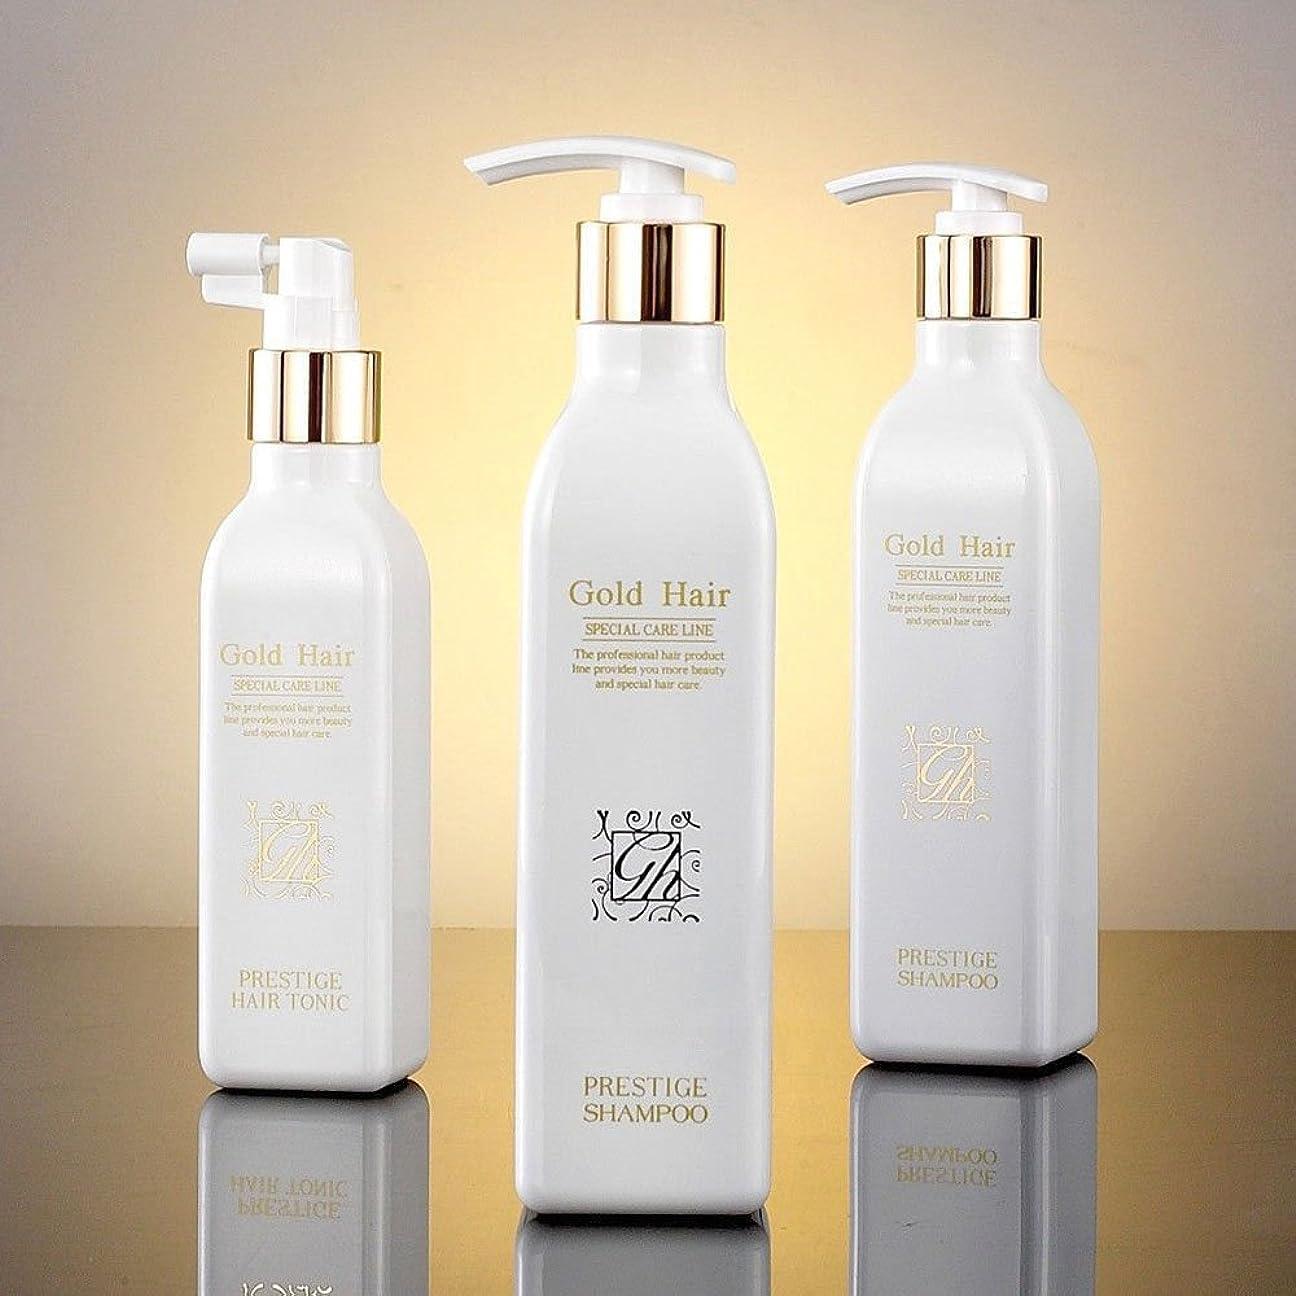 傾向がありますこれまで貫通ゴールドヘア育毛シャンプー2個&トニック1個 漢方シャンプー /Herbal Hair Loss Fast Regrowth Shampoo 100% Natural Patented Set of 3(2 shampoo and 1 tonic)[海外直送品] [並行輸入品]